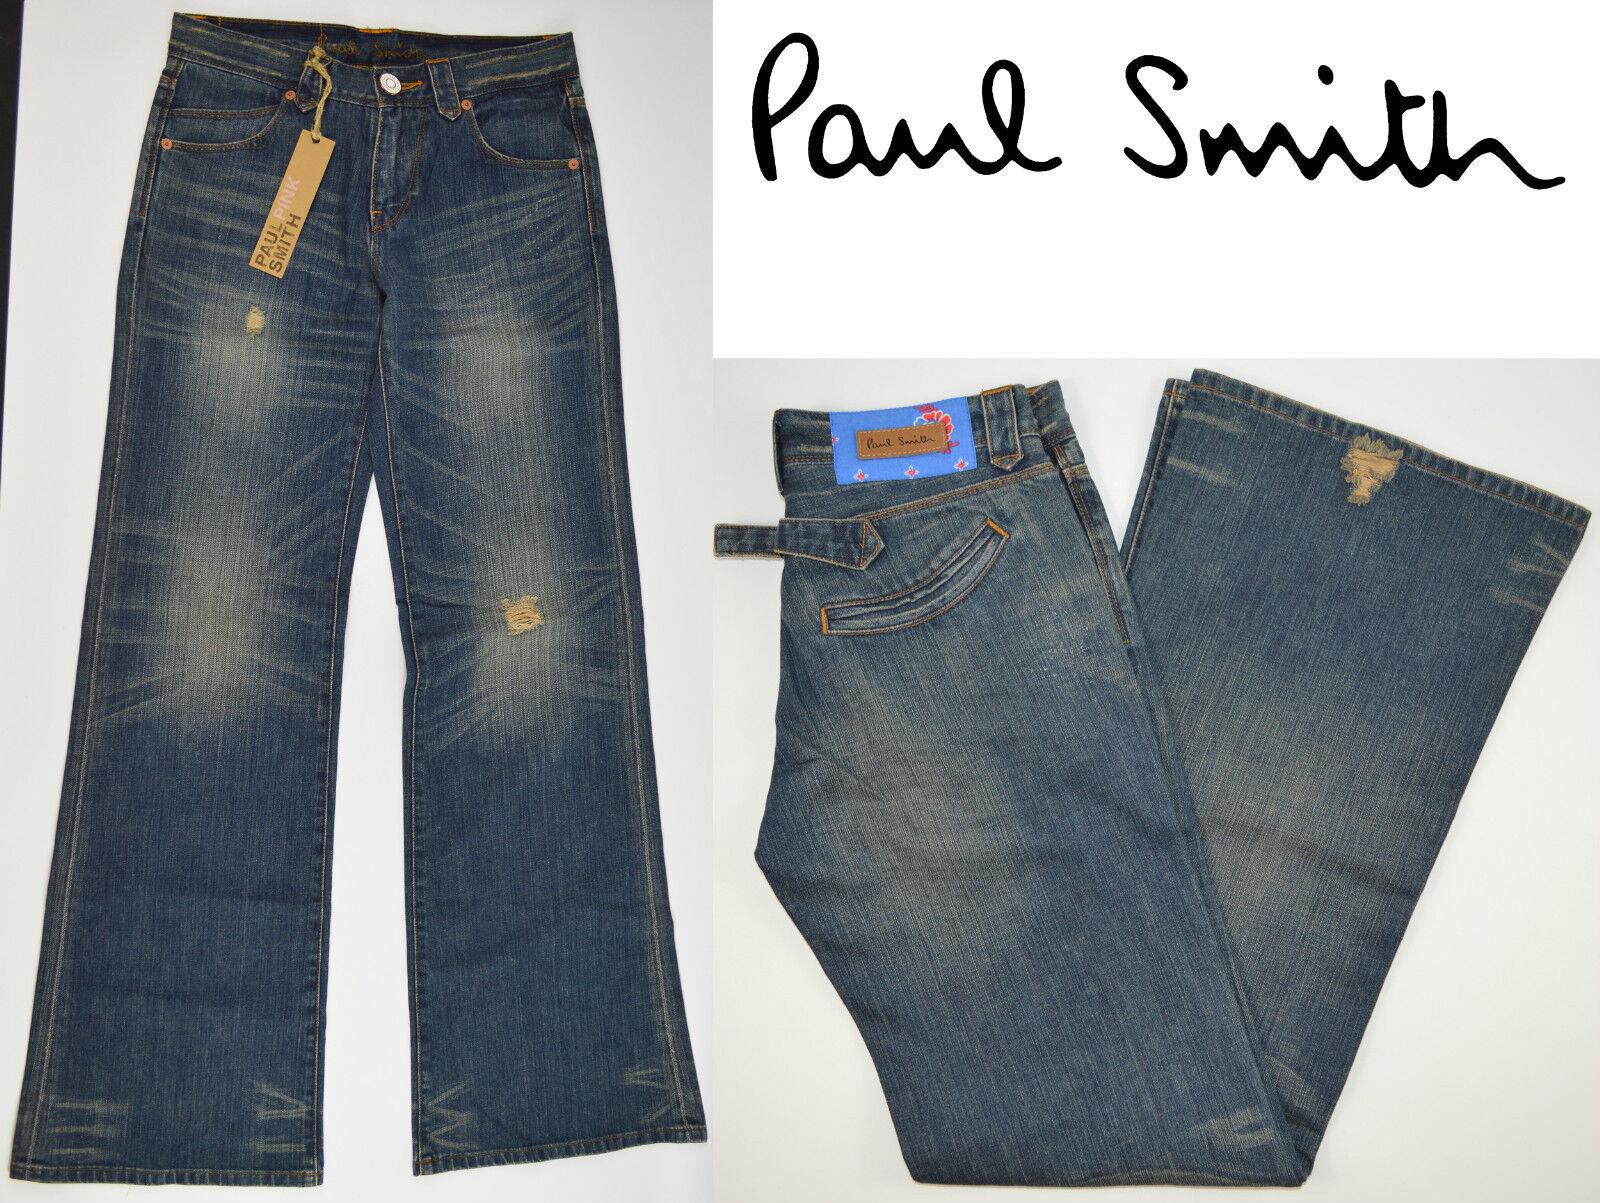 Damen Paul Smith Jeans Vintage Blau Neu mit Etikett Stiefelcut Schlaghose Blume